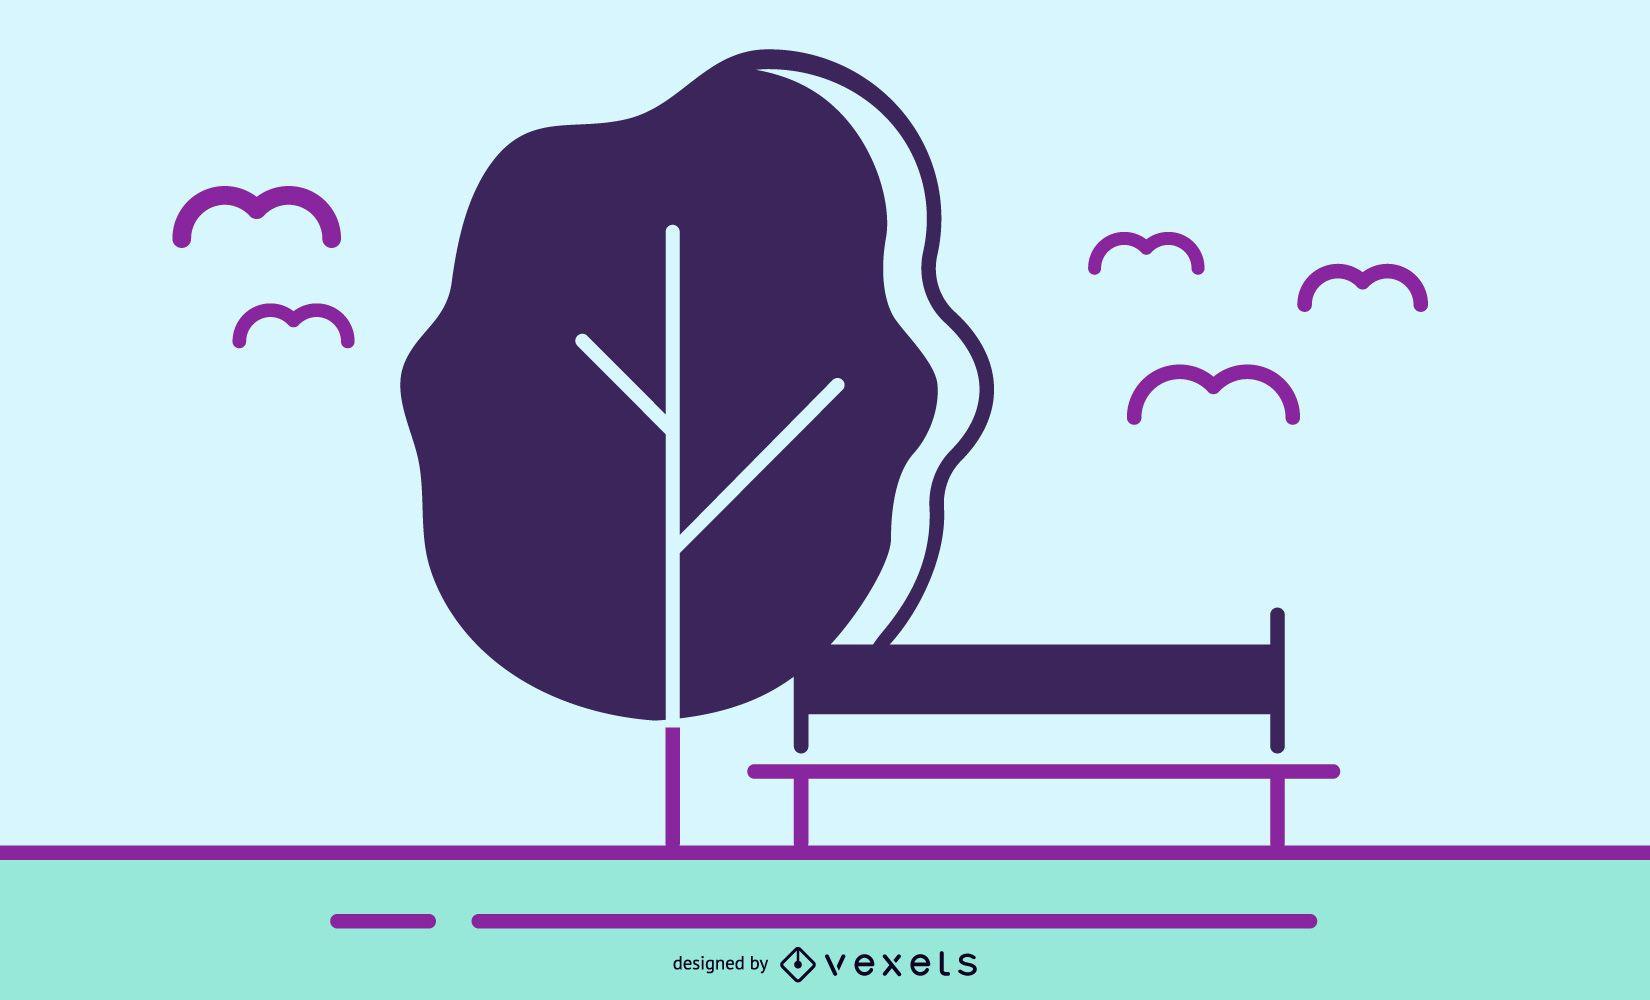 Novo conjunto de vetores grátis: pássaros e árvores